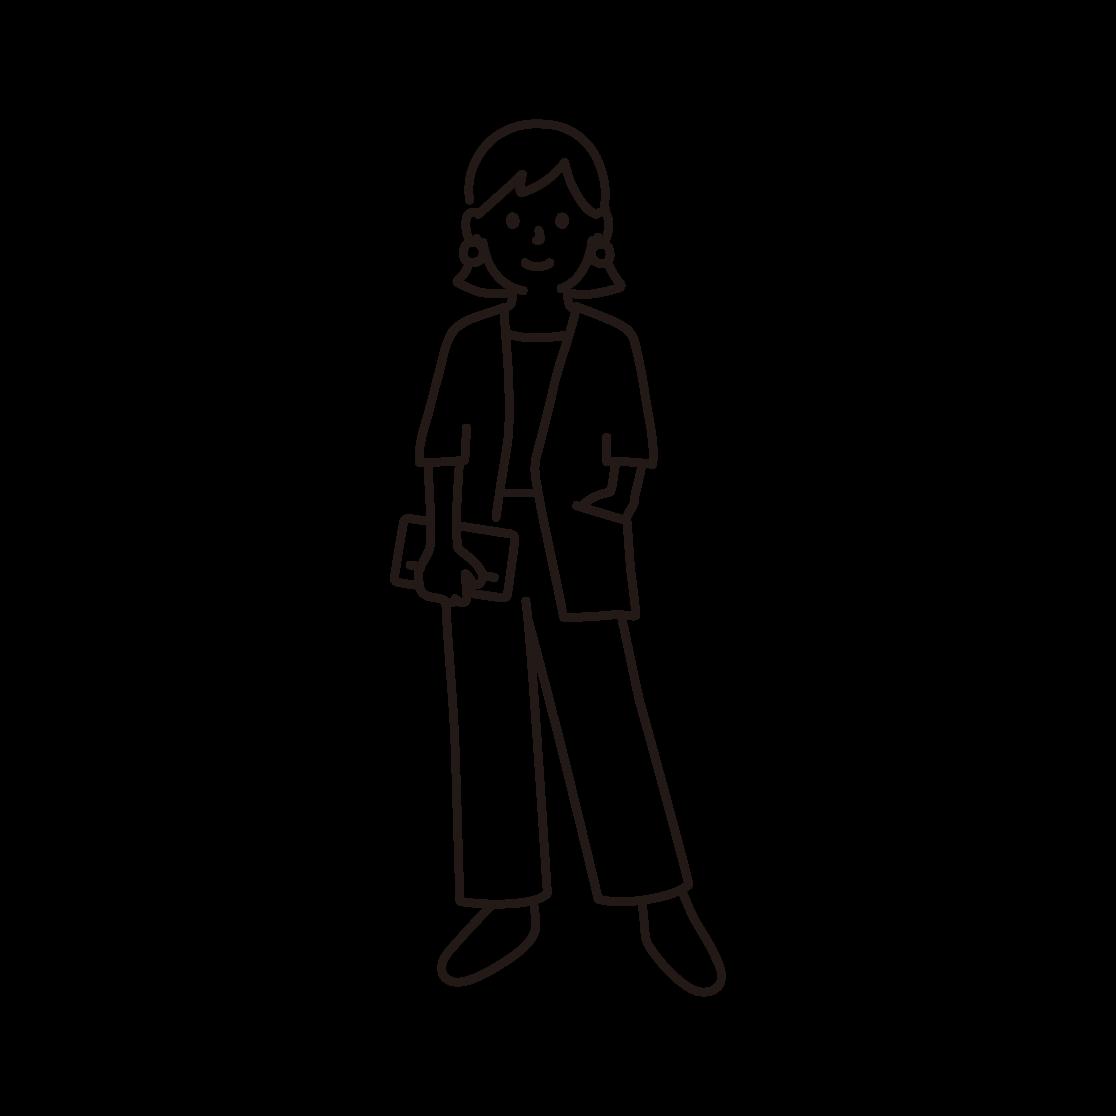 おしゃれな女性の線画イラスト